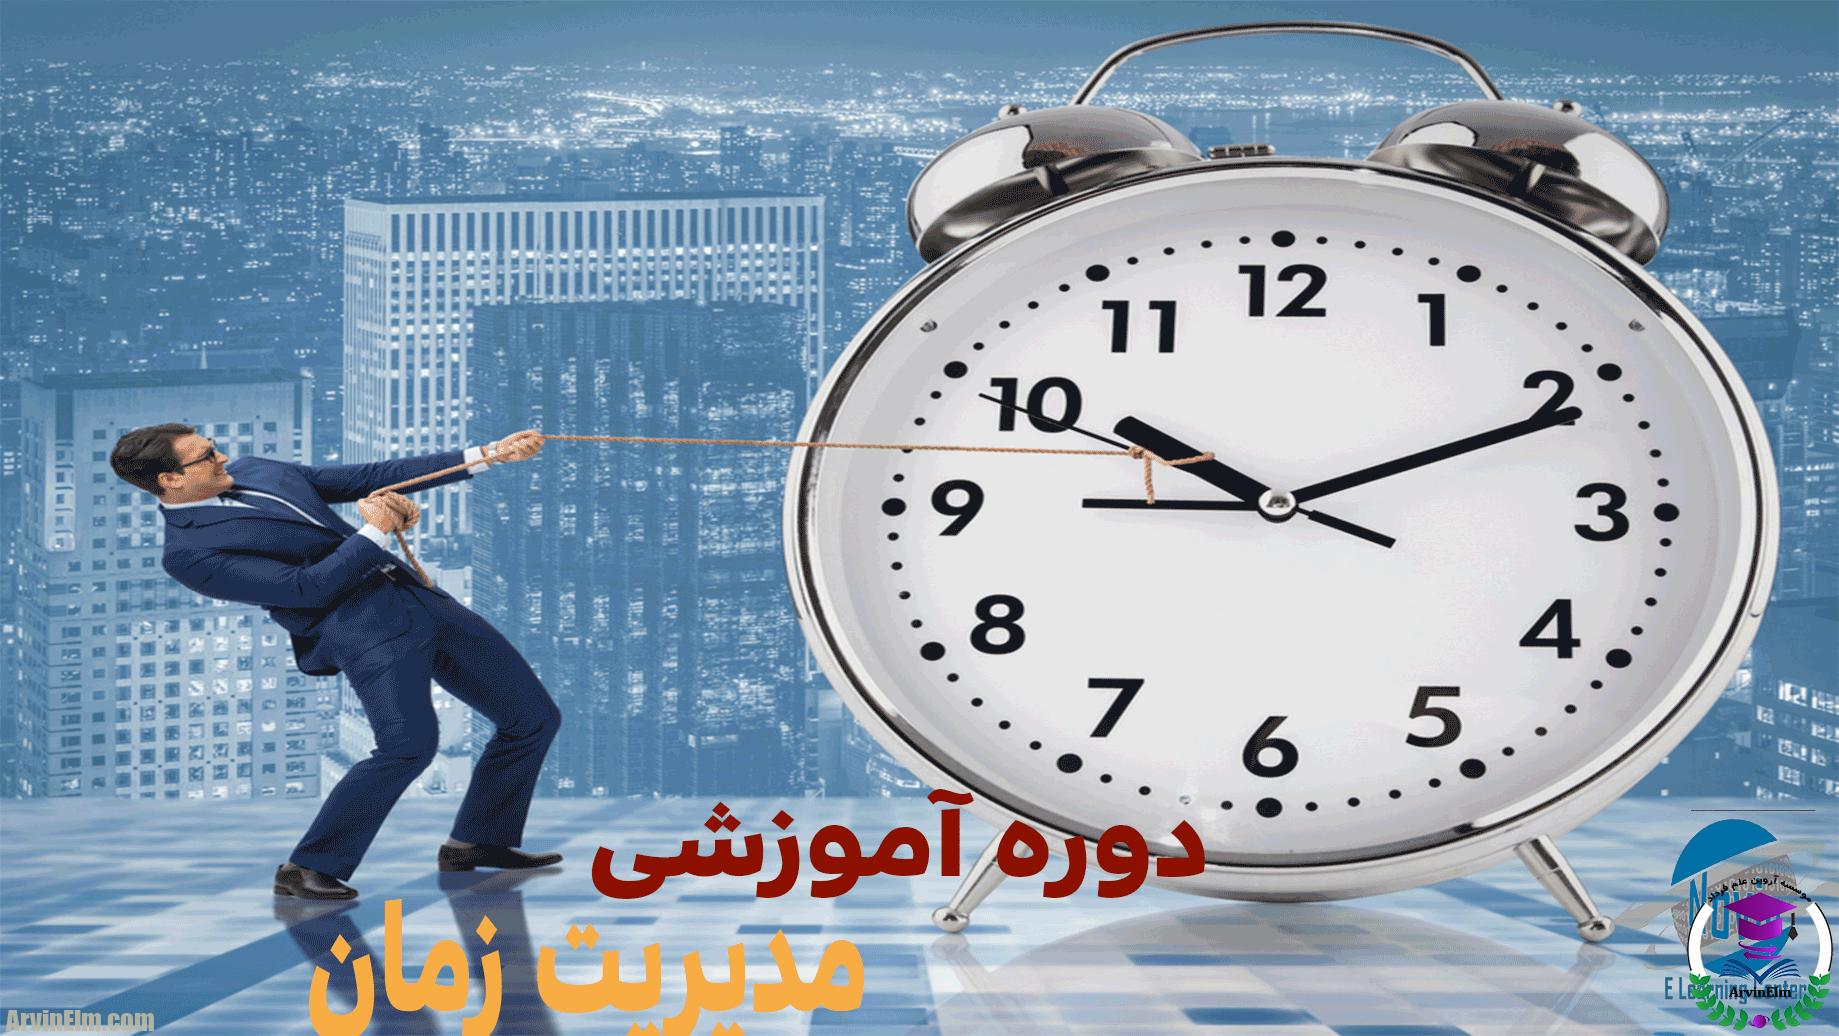 دوره مدیریت زمان